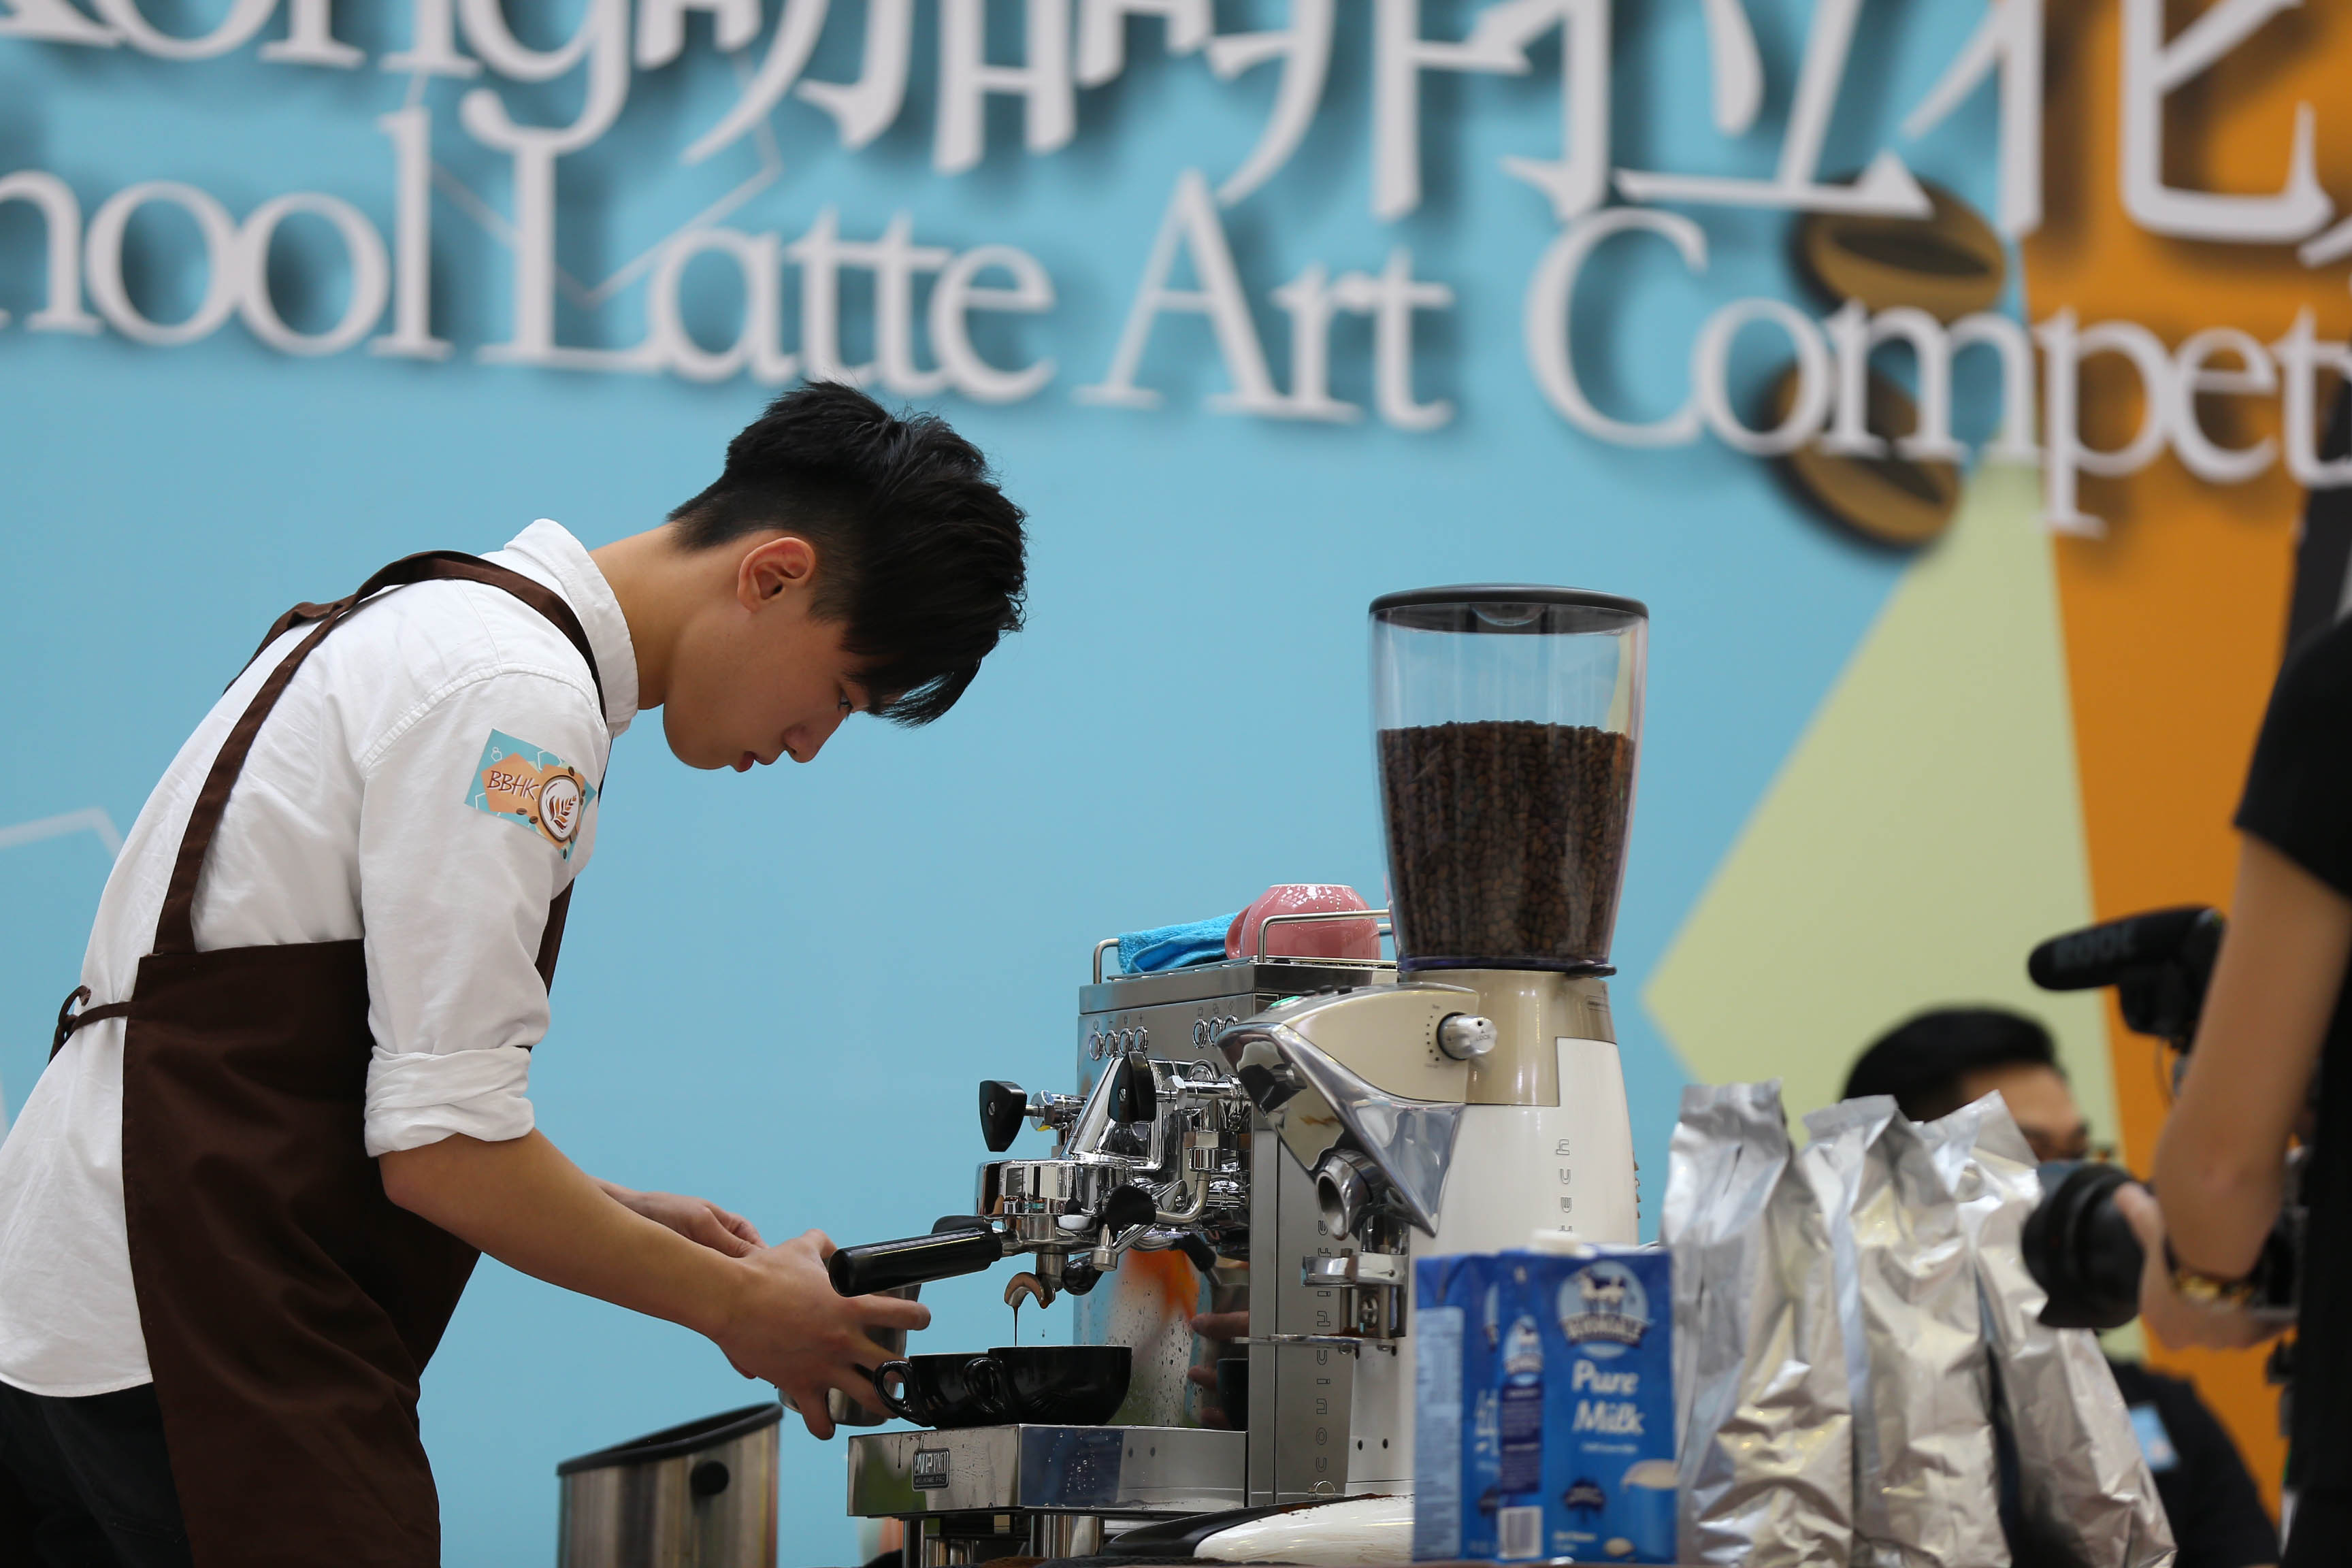 天主教慈幼會伍少梅中學的全港學界咖啡拉花比賽2016 相片4